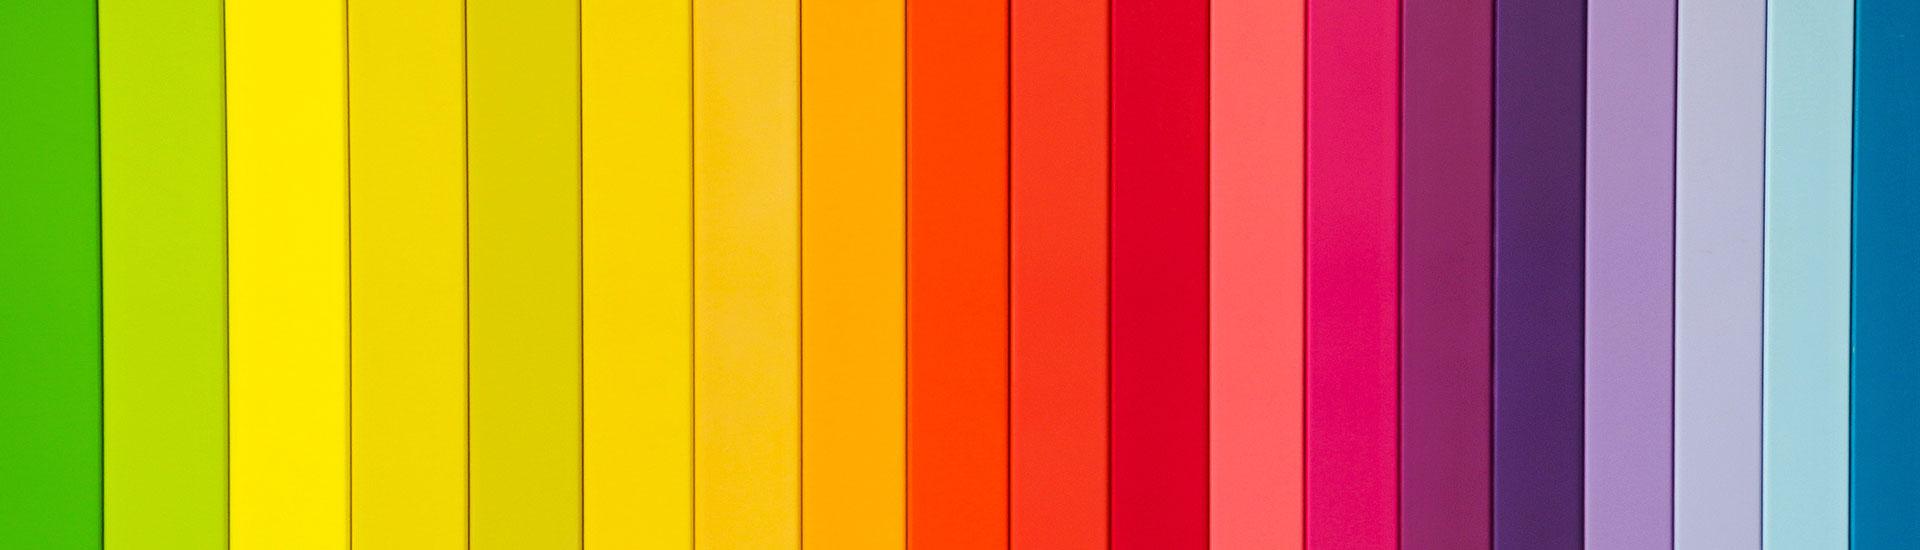 Denantes associe les couleurs